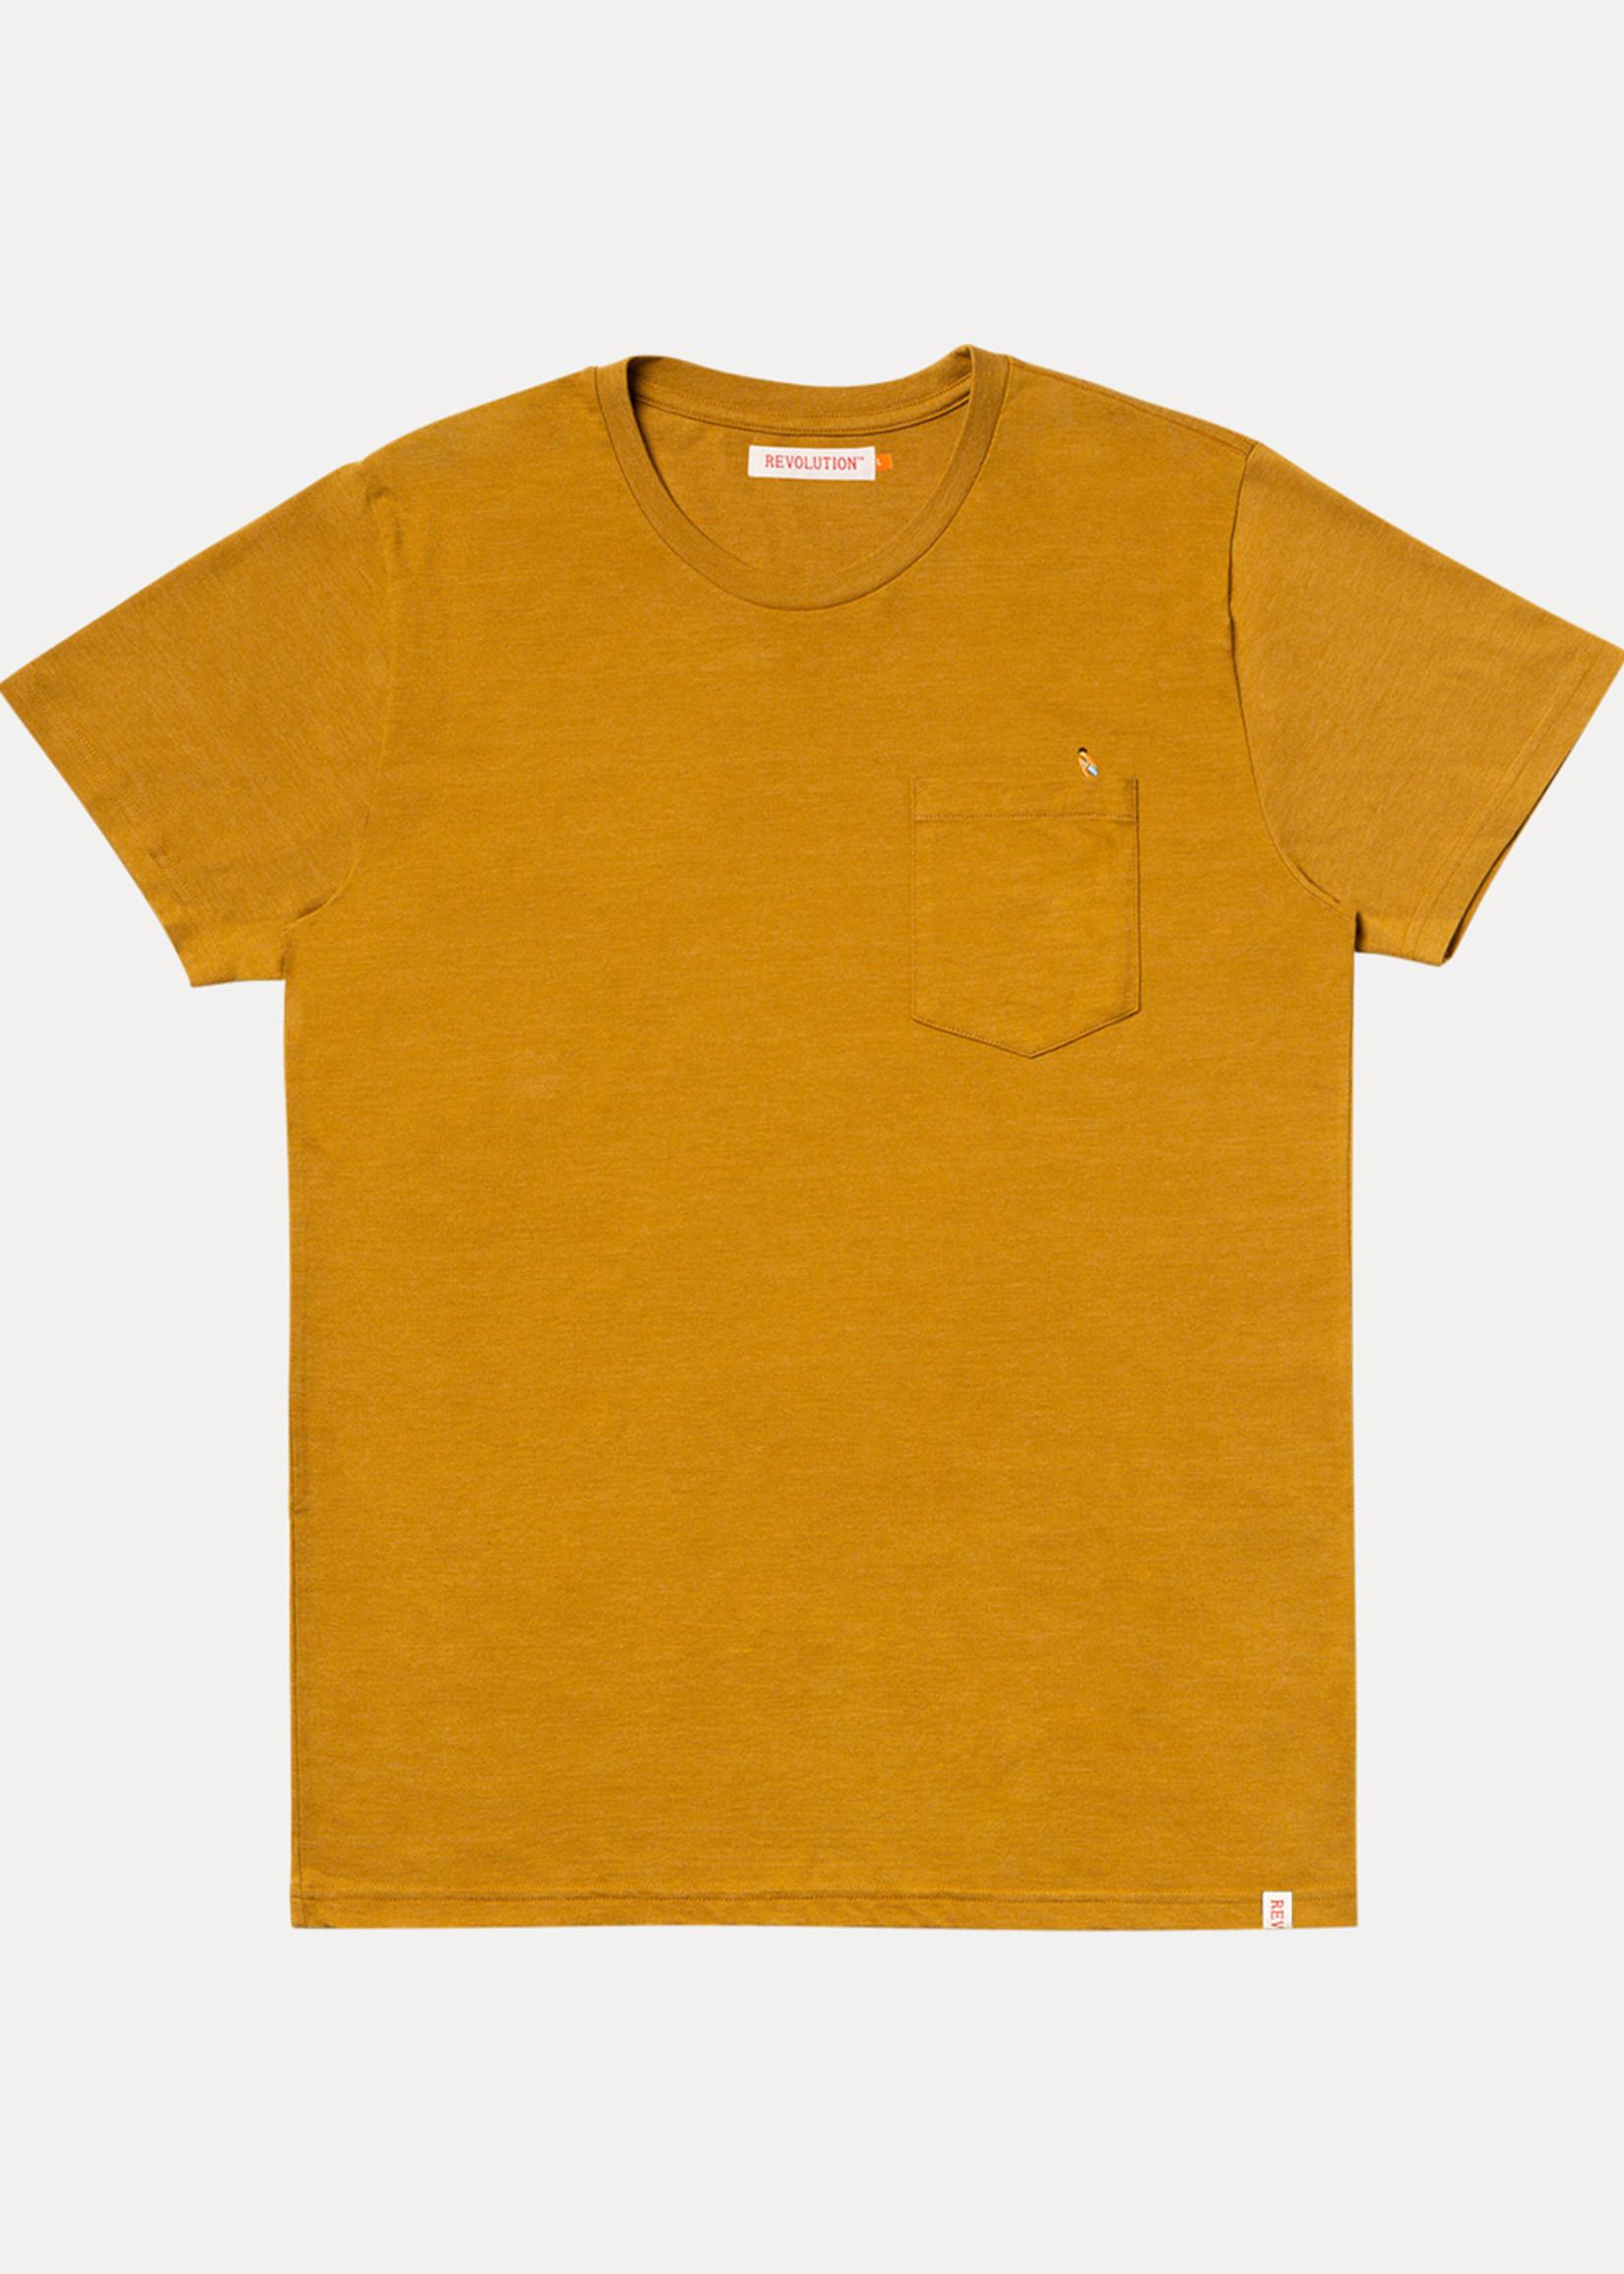 Revolution 1213 BOM Regular T-Shirt